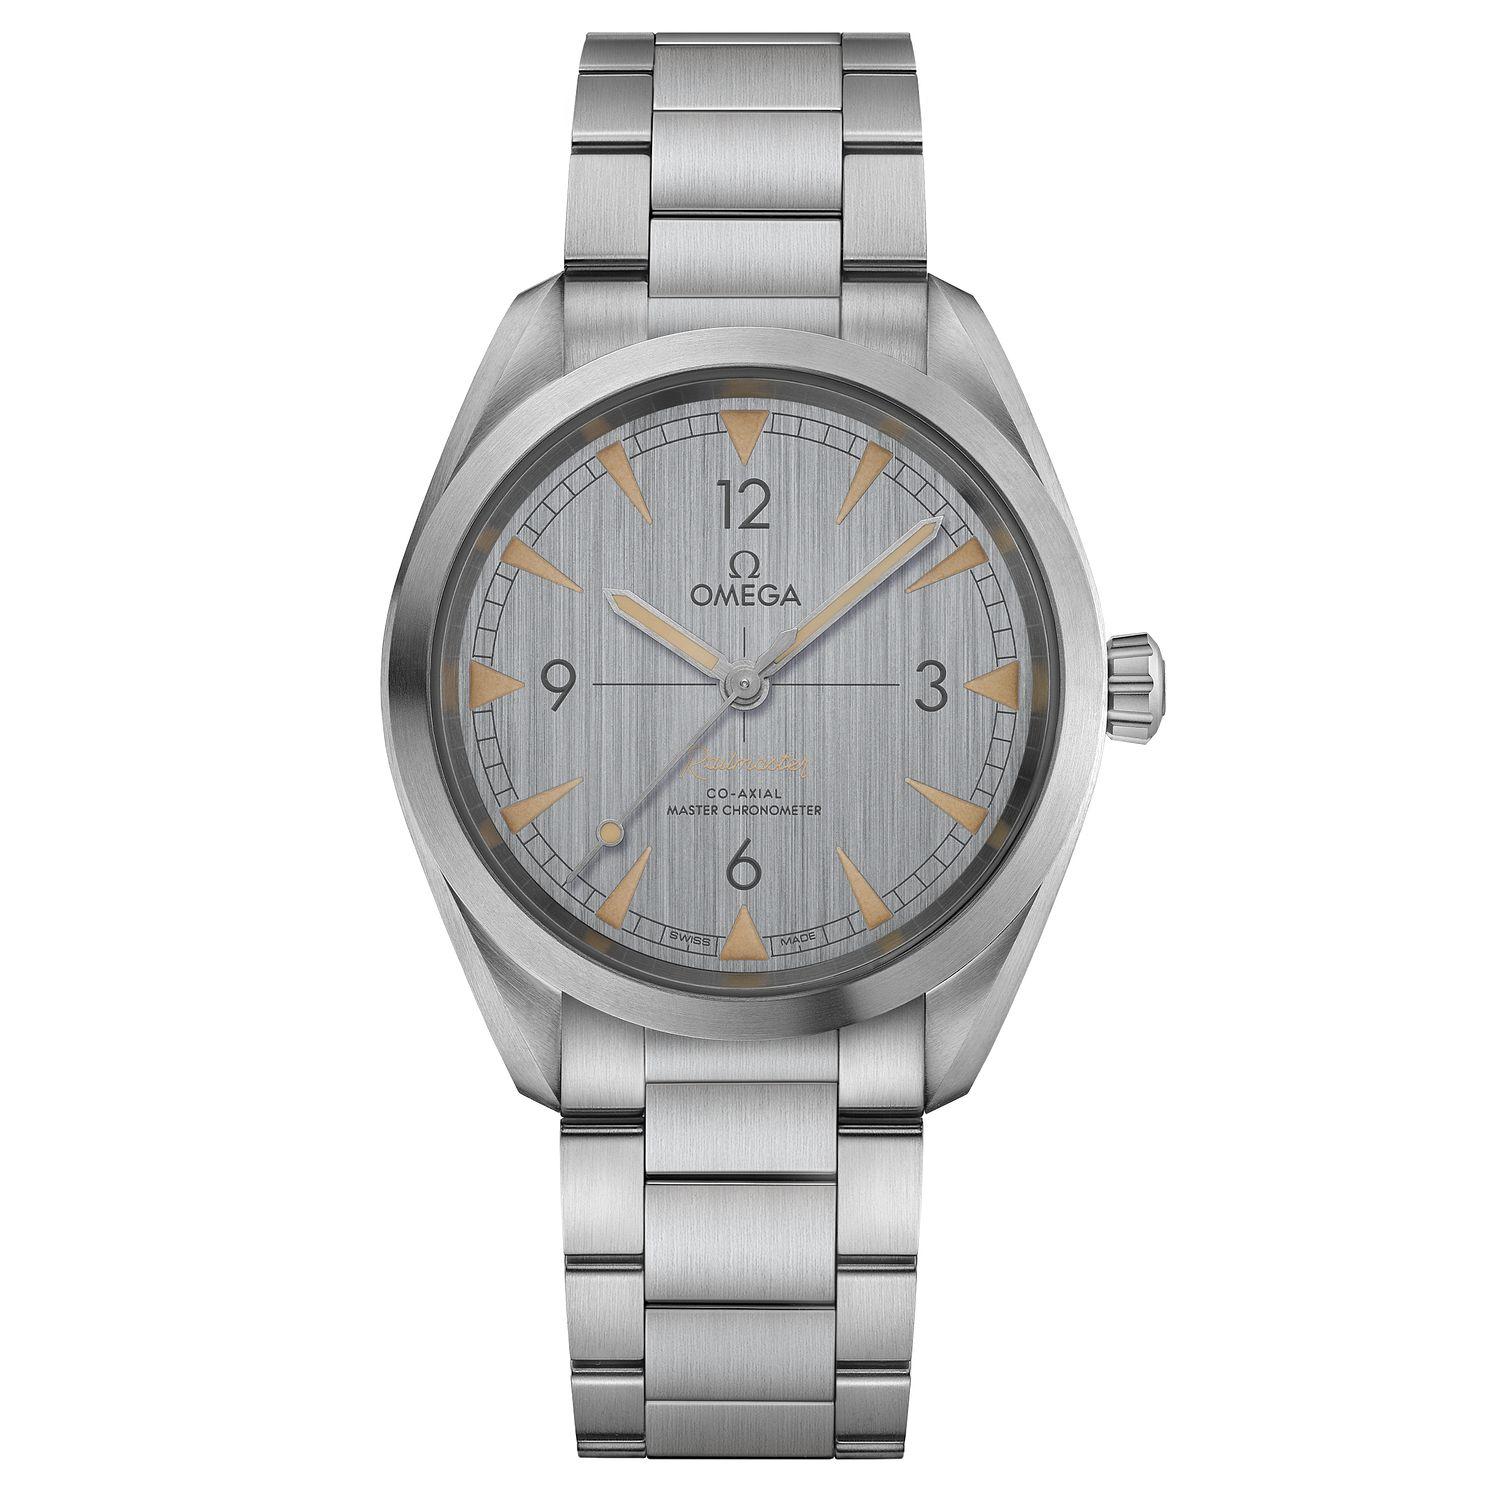 Omega Railmaster Men's Stainless Steel Bracelet Watch Silver Dial at Ernest Jones for £2780